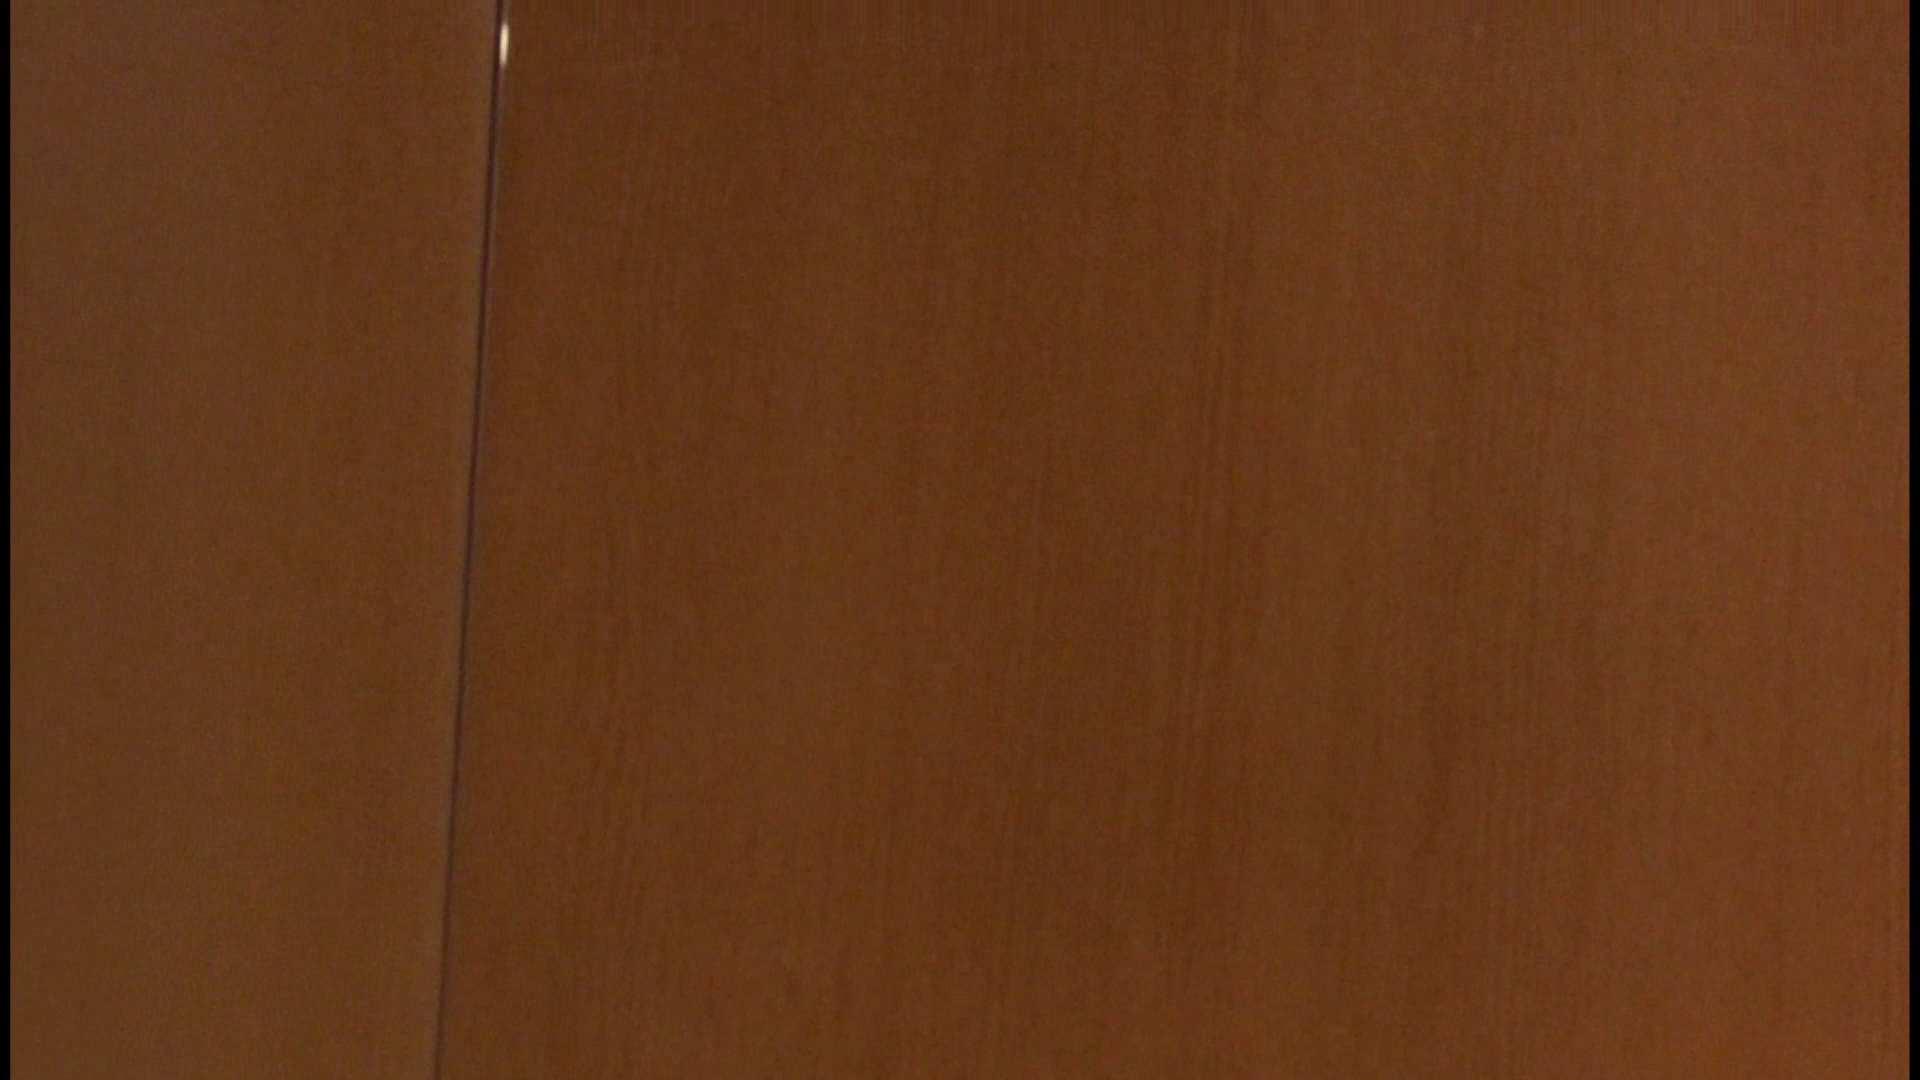 「噂」の国の厠観察日記2 Vol.08 いやらしいOL すけべAV動画紹介 80連発 68